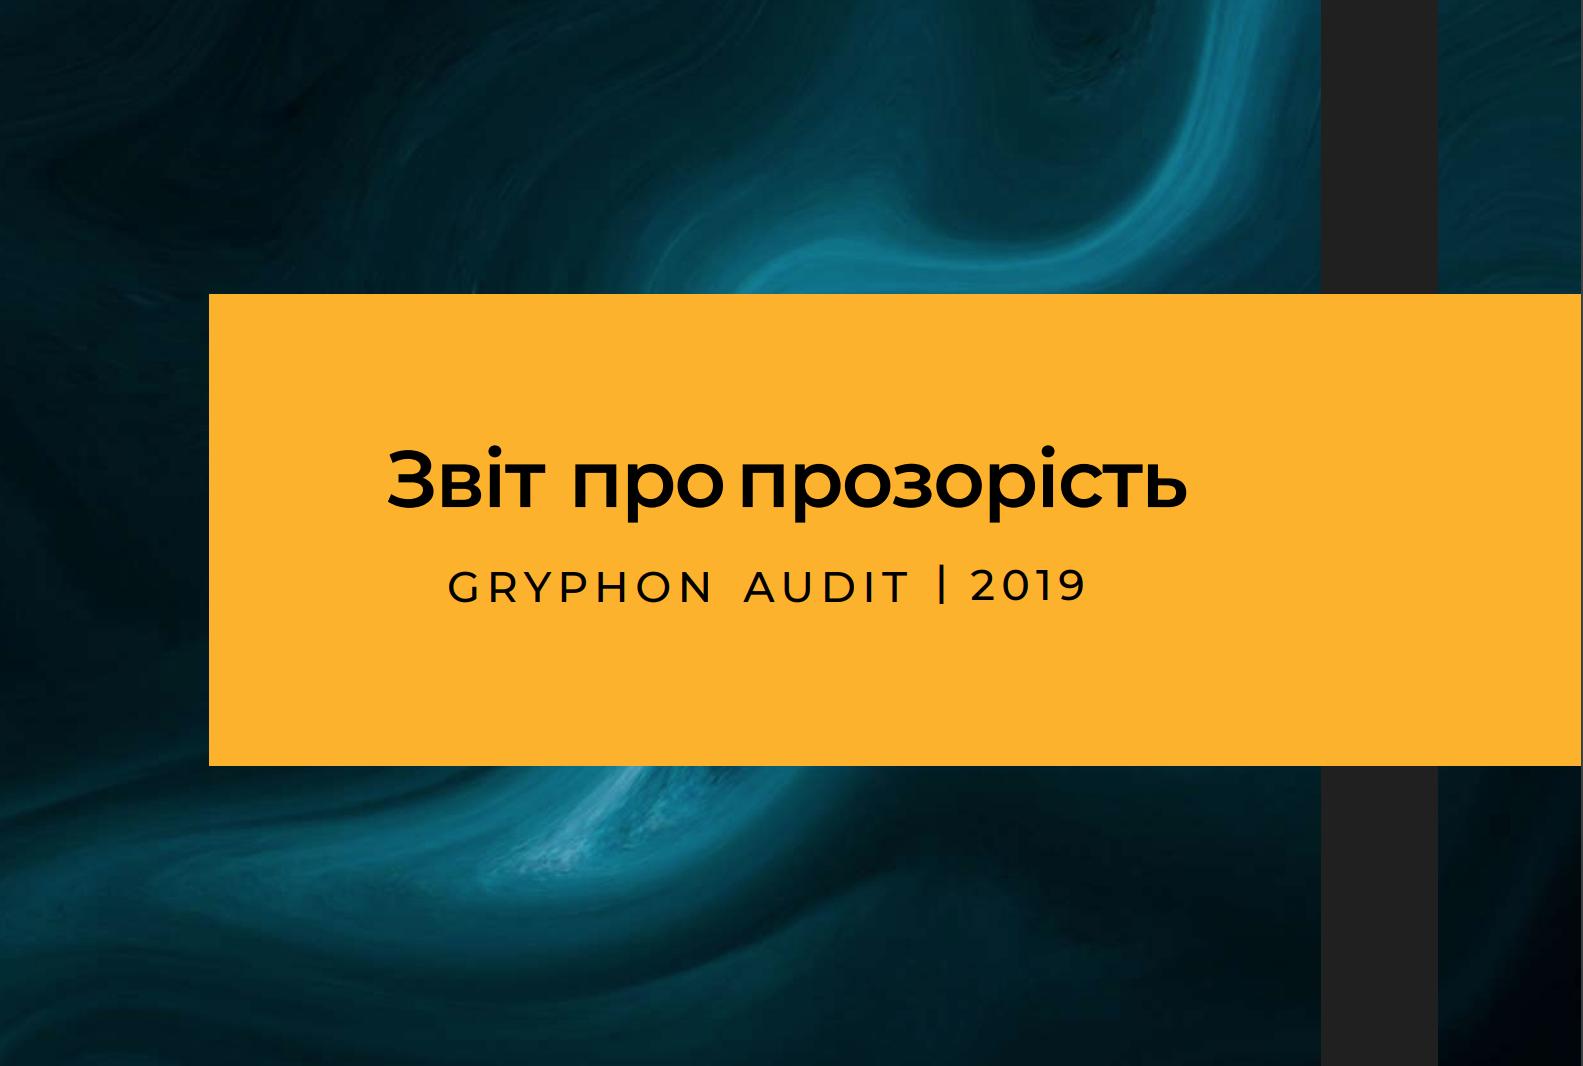 Звіт про прозорість GRYPHON AUDIT 2019